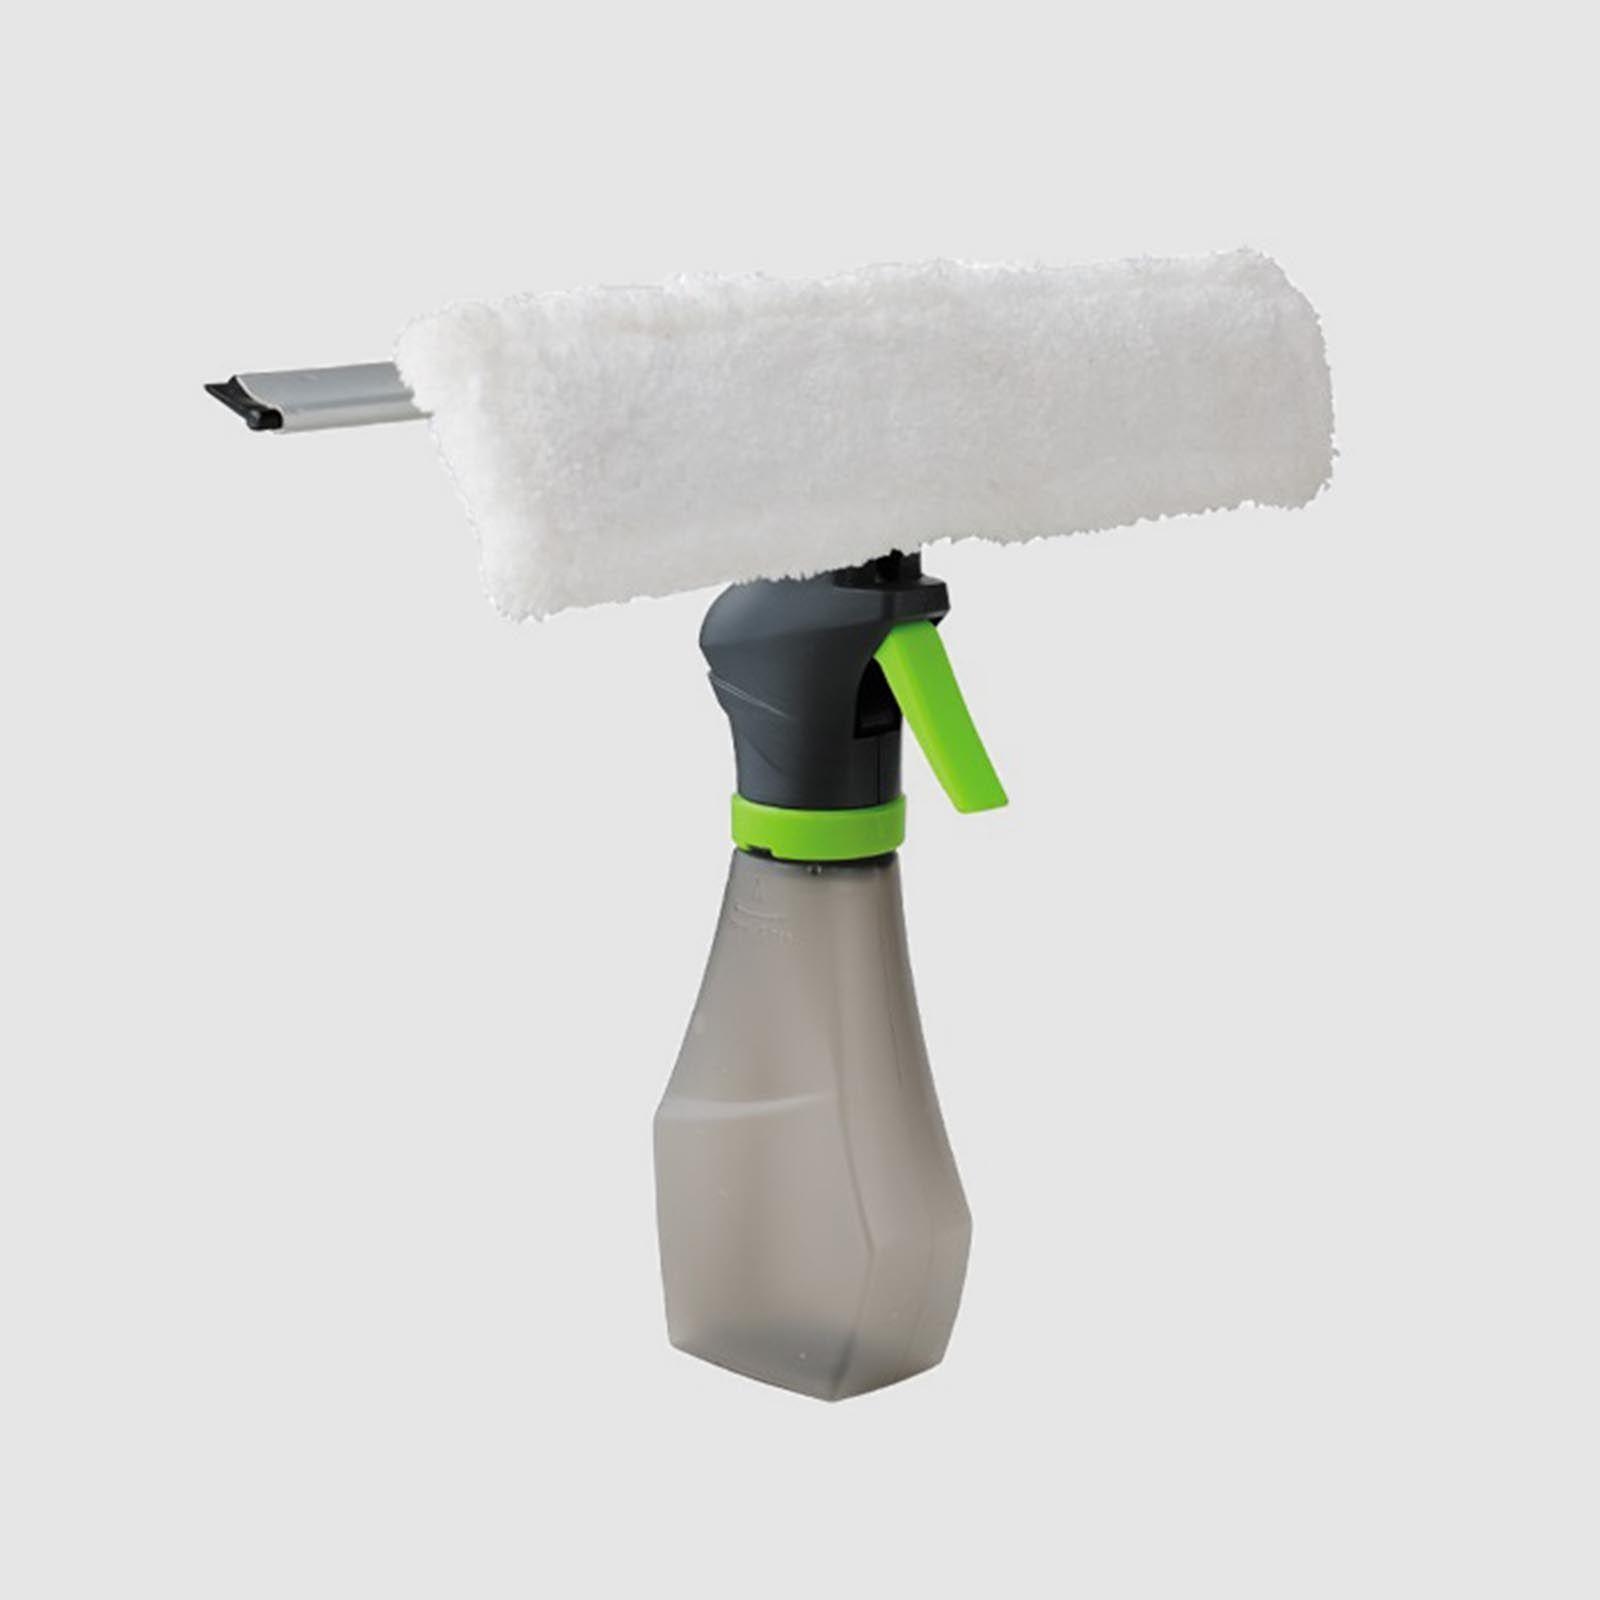 Щетка-водосгон для окон с распылителем Joyclean Water Spraying Window Cleaner (JNW-01)Щетки для мытья<br>Щетка-водосгон для окон с распылителем Joyclean Water Spraying Window Cleaner<br> <br>На что похоже мойка окон? Это тазики с водой, порошком и мылом. Куча тряпок и полотенец для натирания. Даже с применением спиртовых спреев мы долго и нудно убираем грязные потеки. А если надумали мыть окна на зиму или после дождливой весны, то сначала предстоит хорошенько пройтись по всем стеклам с мочалкой и порошком, а уж после смывки грязи еще раз с «Мистер Пропером». И только после этого брать в ручки микрофибру и натирать стекла до кристального блеска.<br> <br>Правда, знакомо? А теперь вспомним, сколько уходит времени – целый выходной день – и нервов… Мы предлагаем тройное решение проблемы одним товаром – это щетка-водосгон для окон с распылителем Super Spray Cleaner!<br> <br>В колбу вы наливаете жидкость для мытья окон или мыльный раствор, распрыскиваете на стекло, тщательно отмываете загрязнения насадкой из микрофибры, а остатки жидкости и потеки сметаете водосгоном к бортикам рамы. За 5 минут у вас чистейшее стекло!<br> <br>Насадка из микрофибры съемная, подлежит ручной и машинной стирке.<br> <br>Характеристики<br> <br> <br>  Материал: пластик, полиэстер, алюминий, резина<br> <br>  Цвет: серый/зеленый<br> <br>  Длина насадки: 27 см<br> <br>  Вес: 300 г<br> <br>